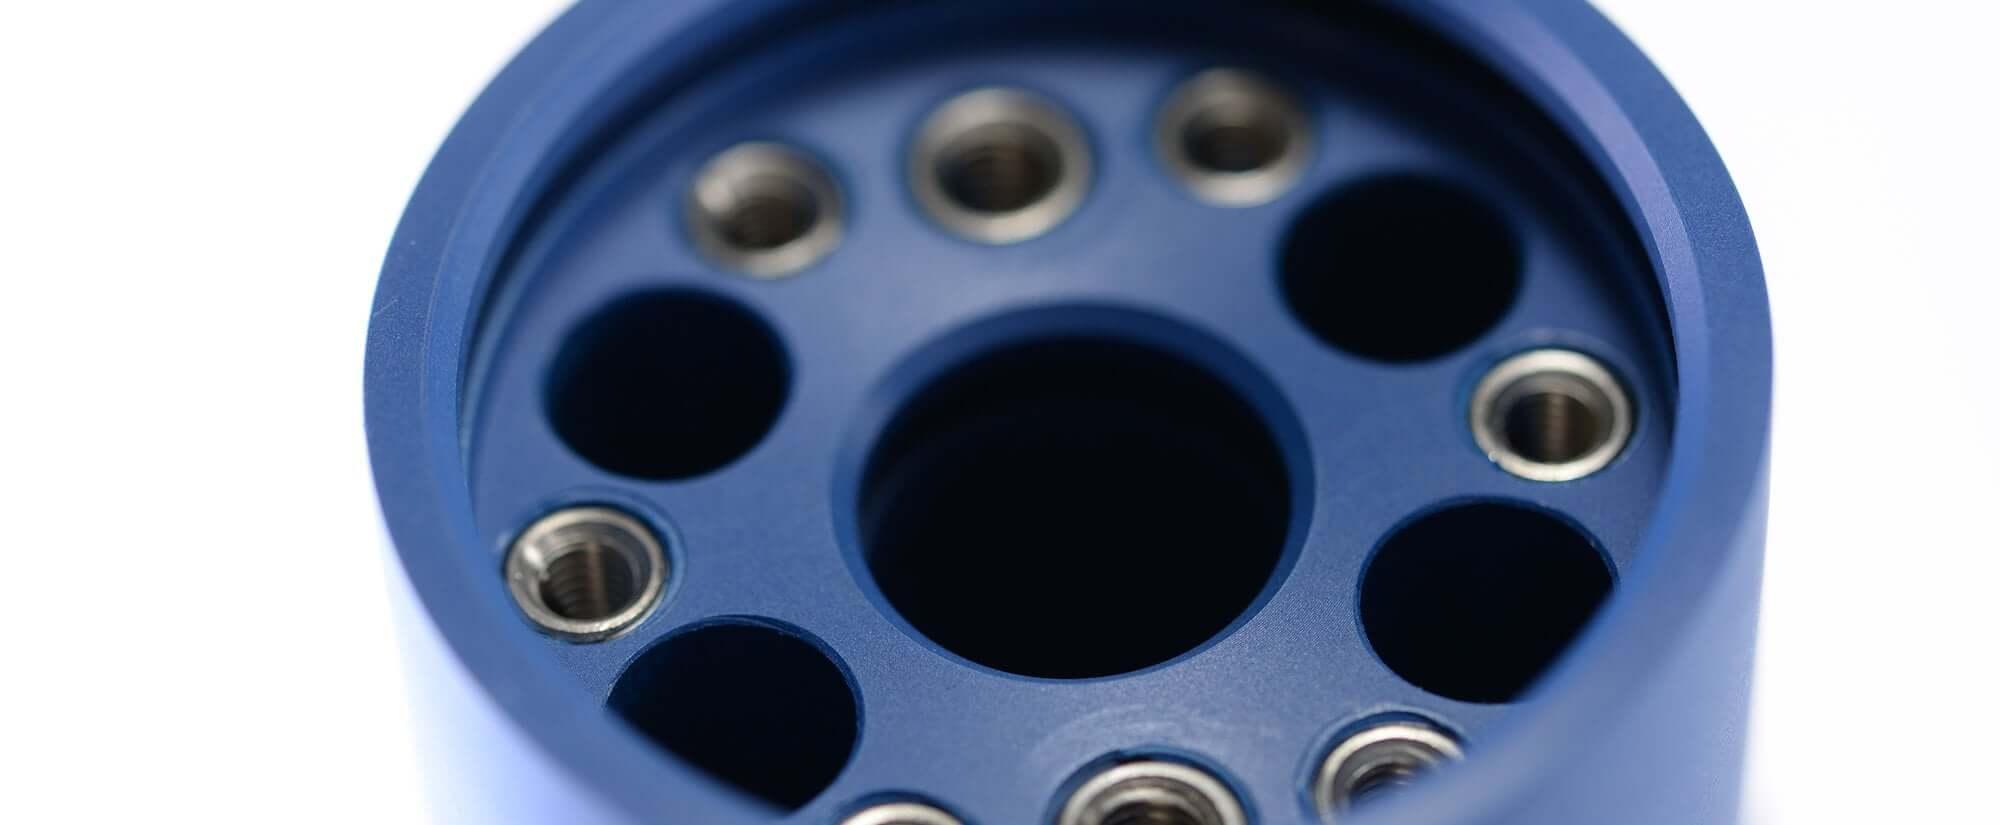 Acryline Wasserstator aus PPS blau technische teile gedreht PPS technisches cnc stator drehteil